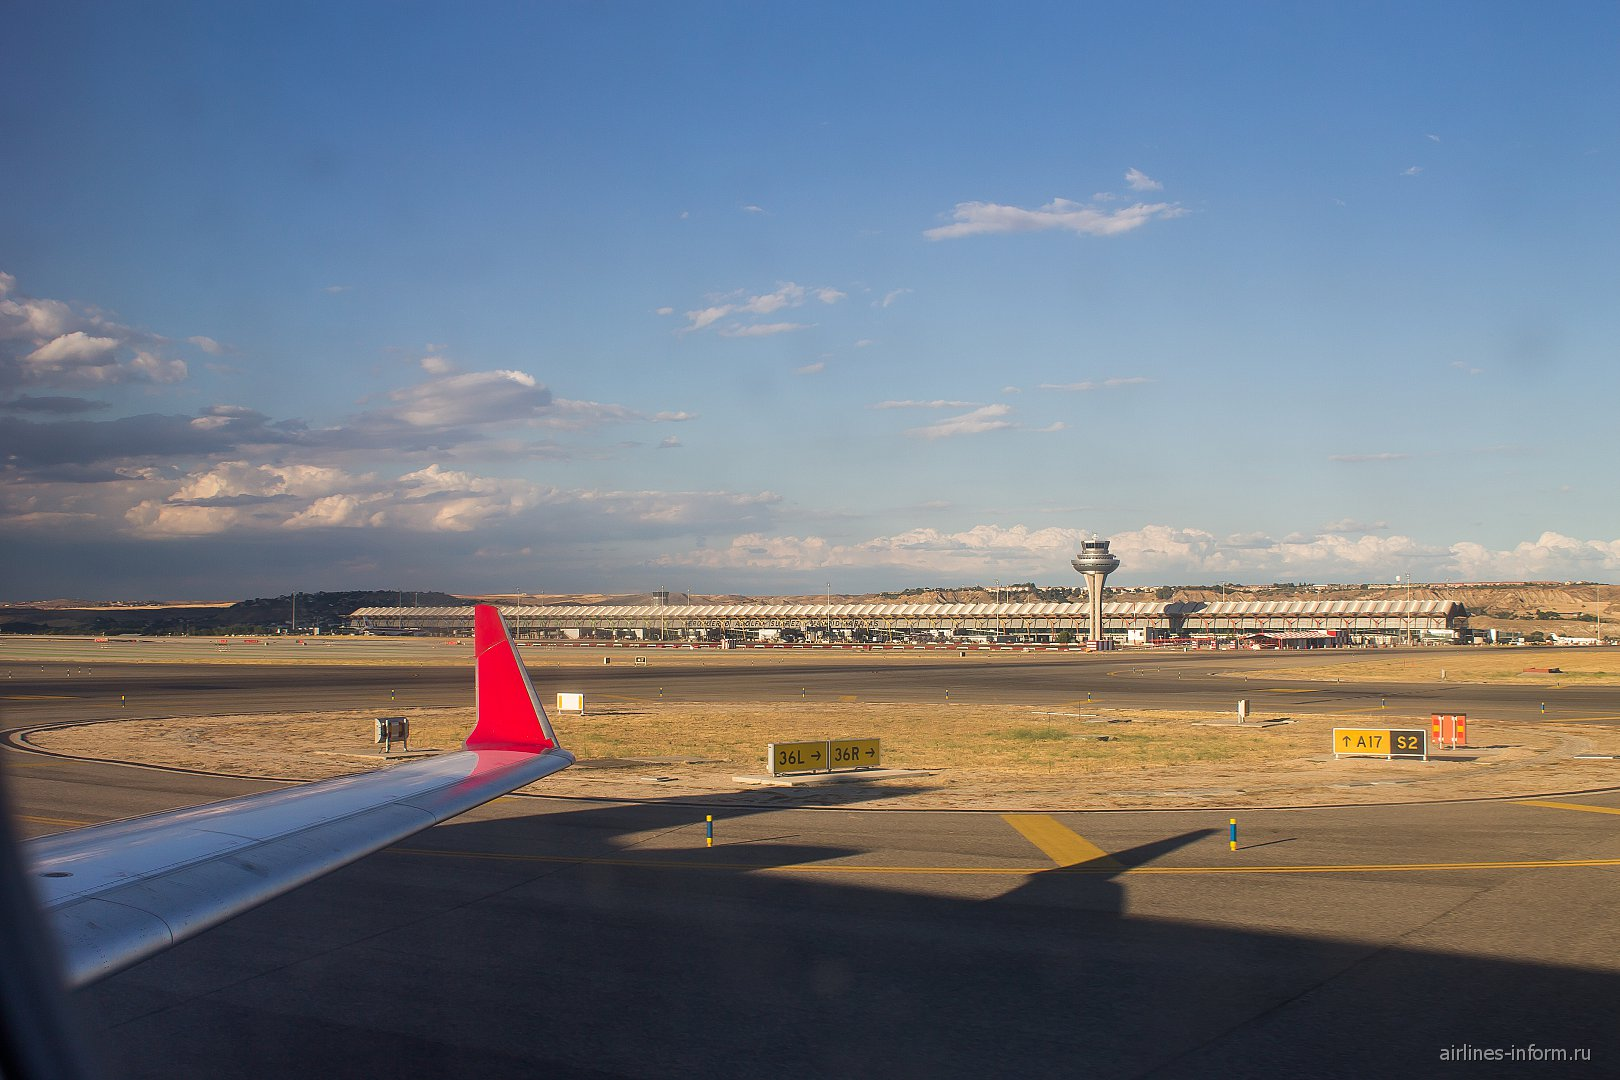 Терминал 4S аэропорта Мадрид Барахас